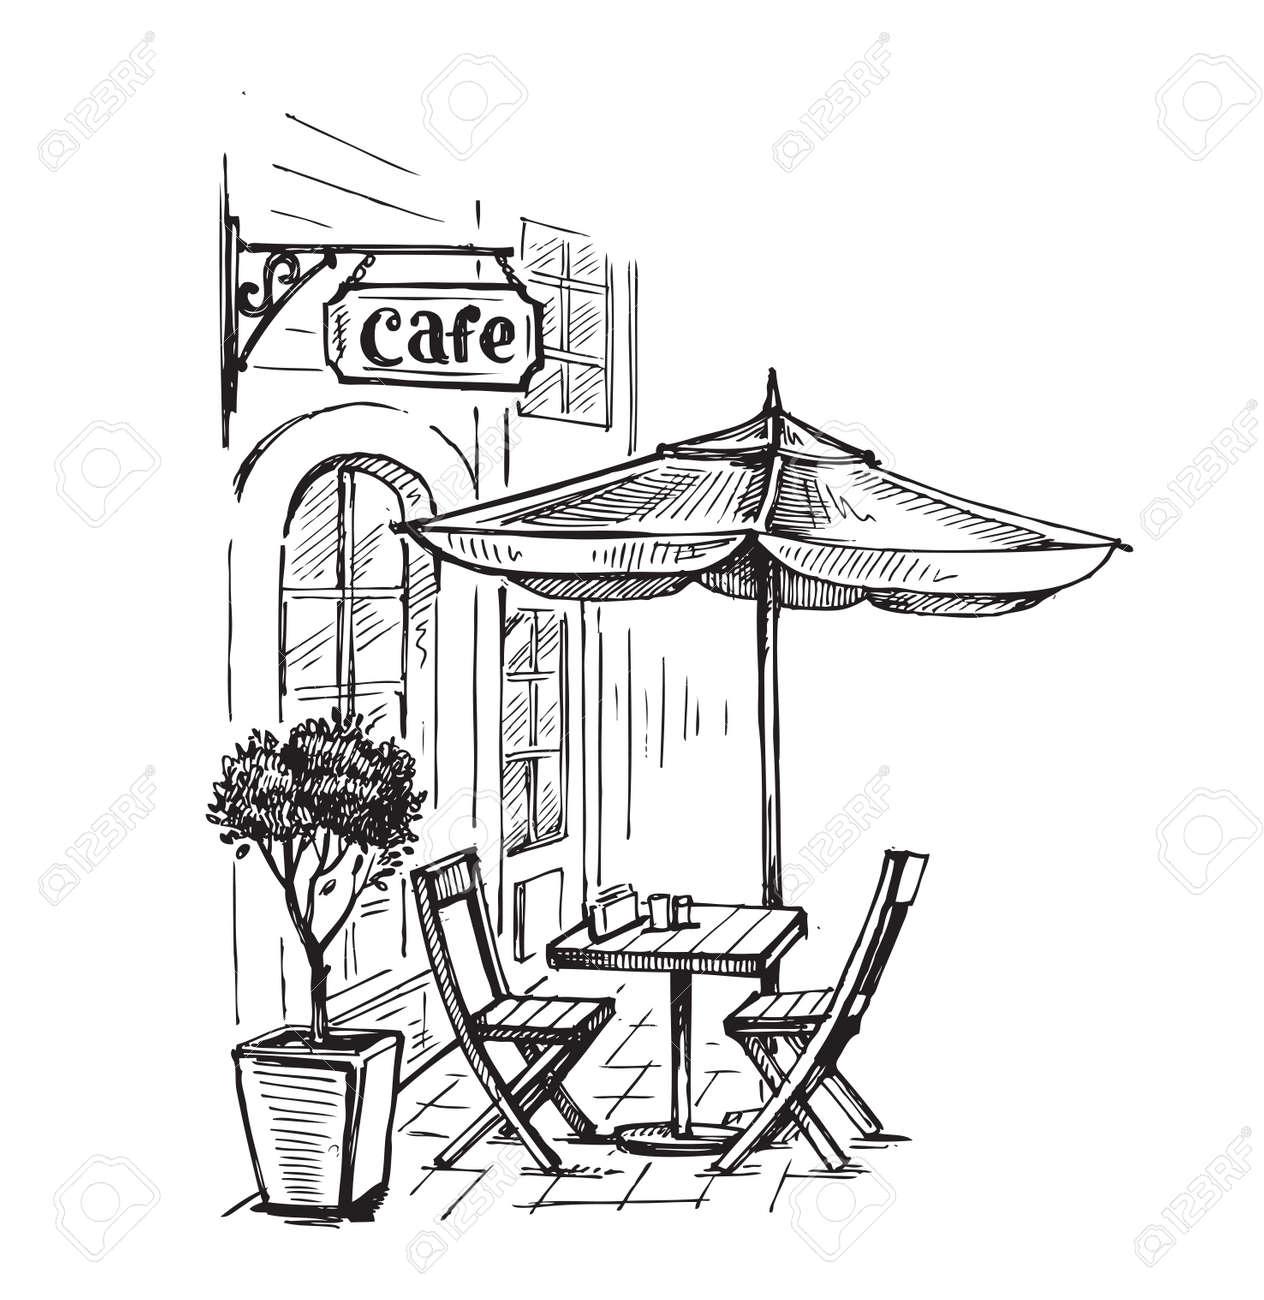 古い町のベクトル イラスト通りカフェのイラスト素材ベクタ Image